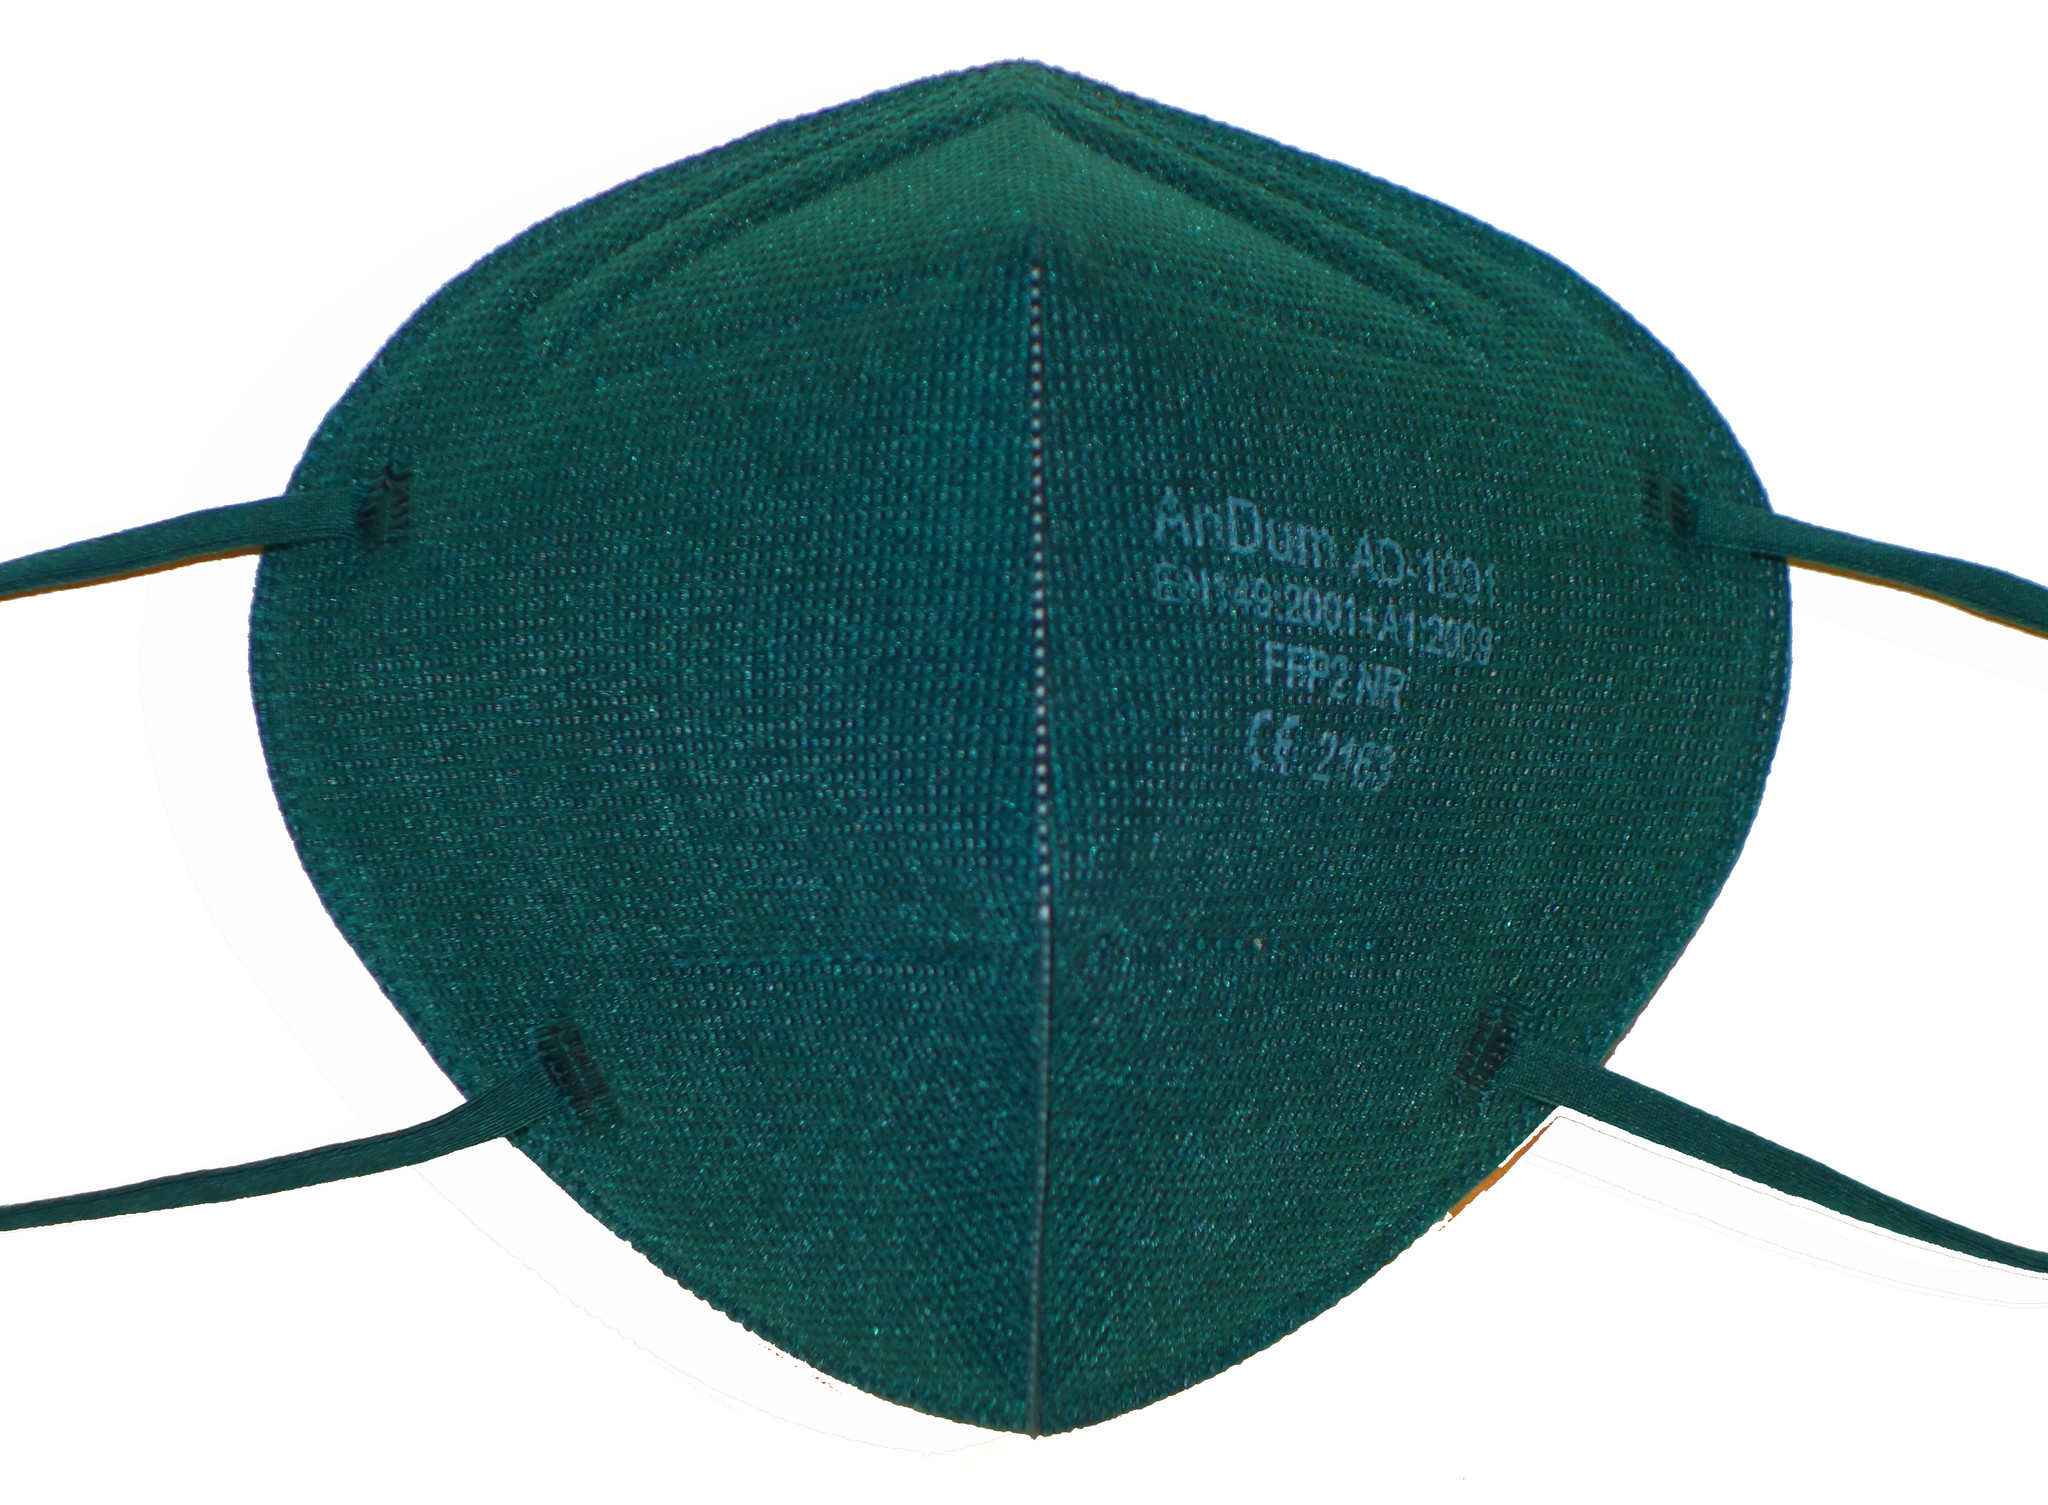 CE zertifizierte bunte FFP2 Maske sehr dunkles grün / tannengrün schon ab 0,75 € B2B